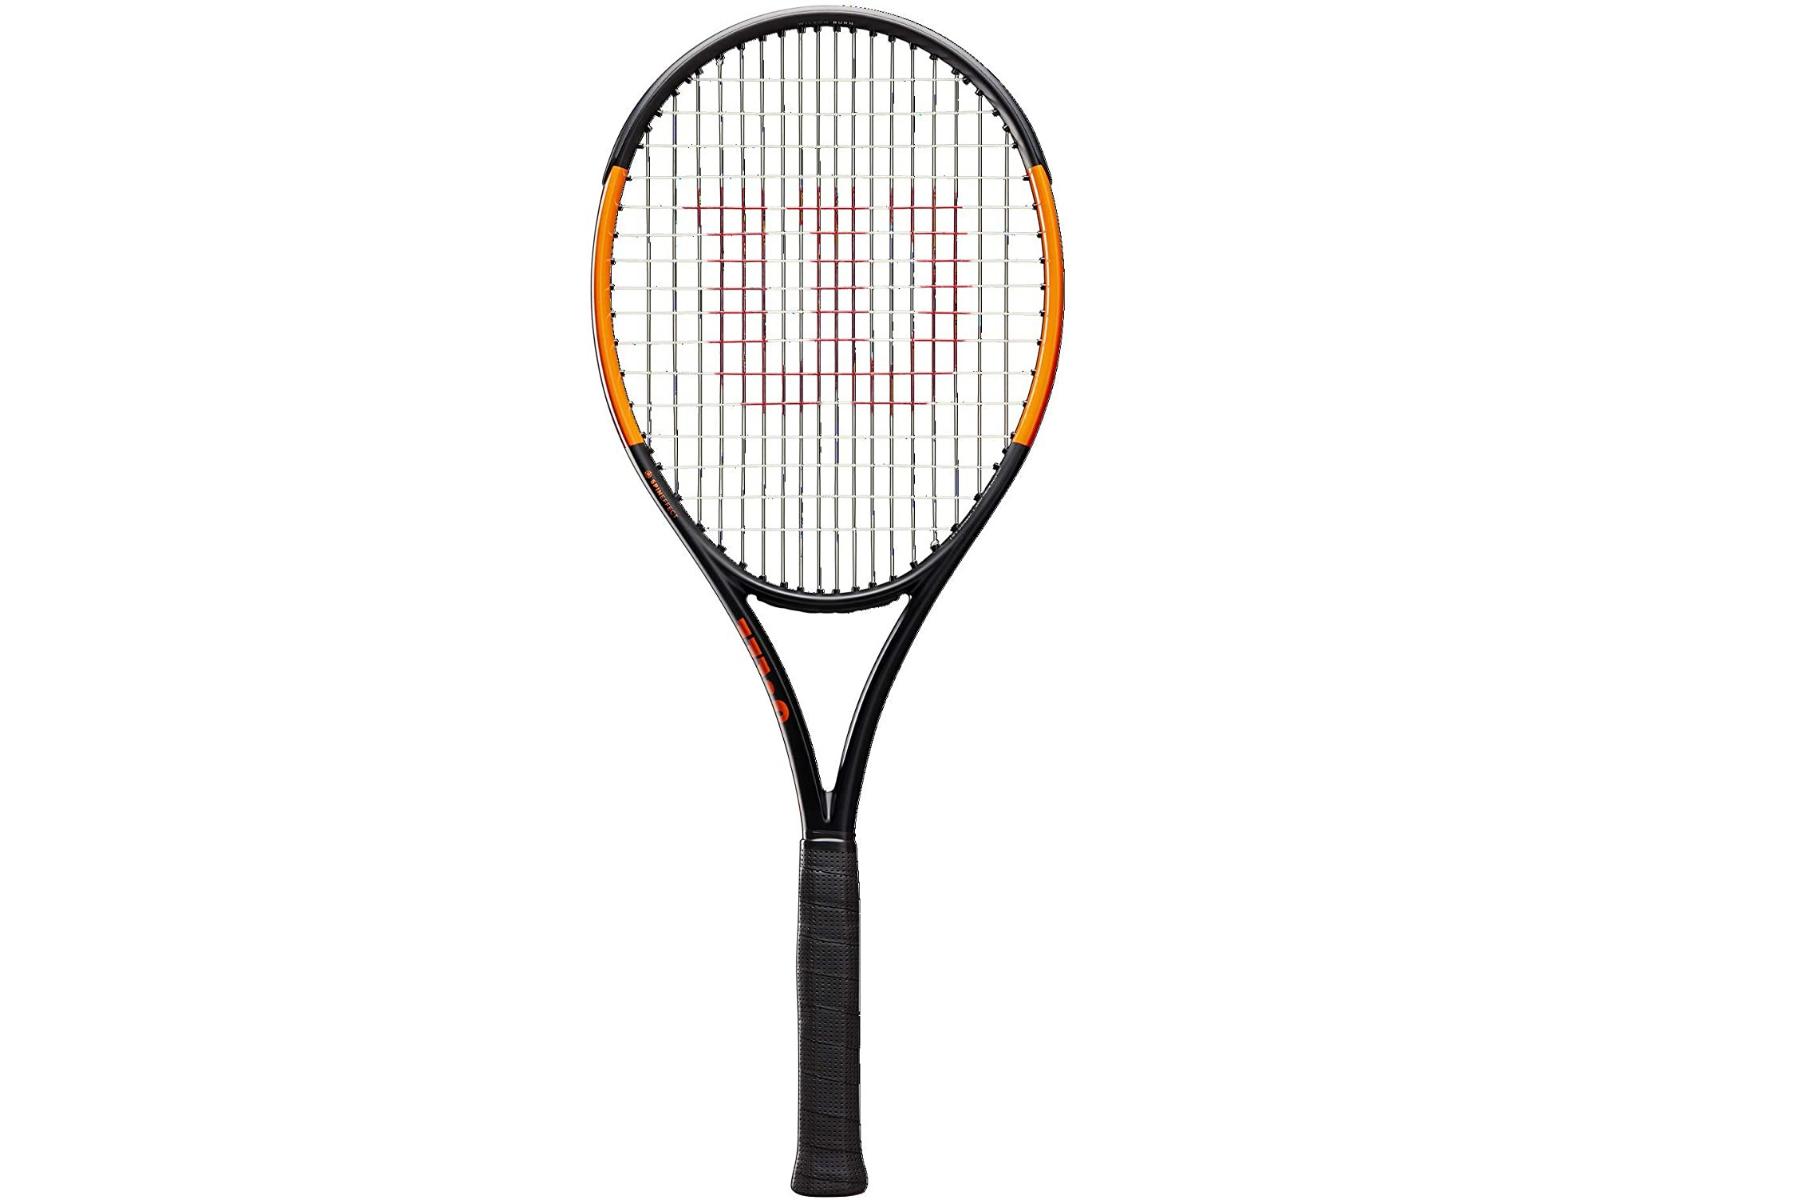 Wilson-Burn-100-Series-Tennis-Racket